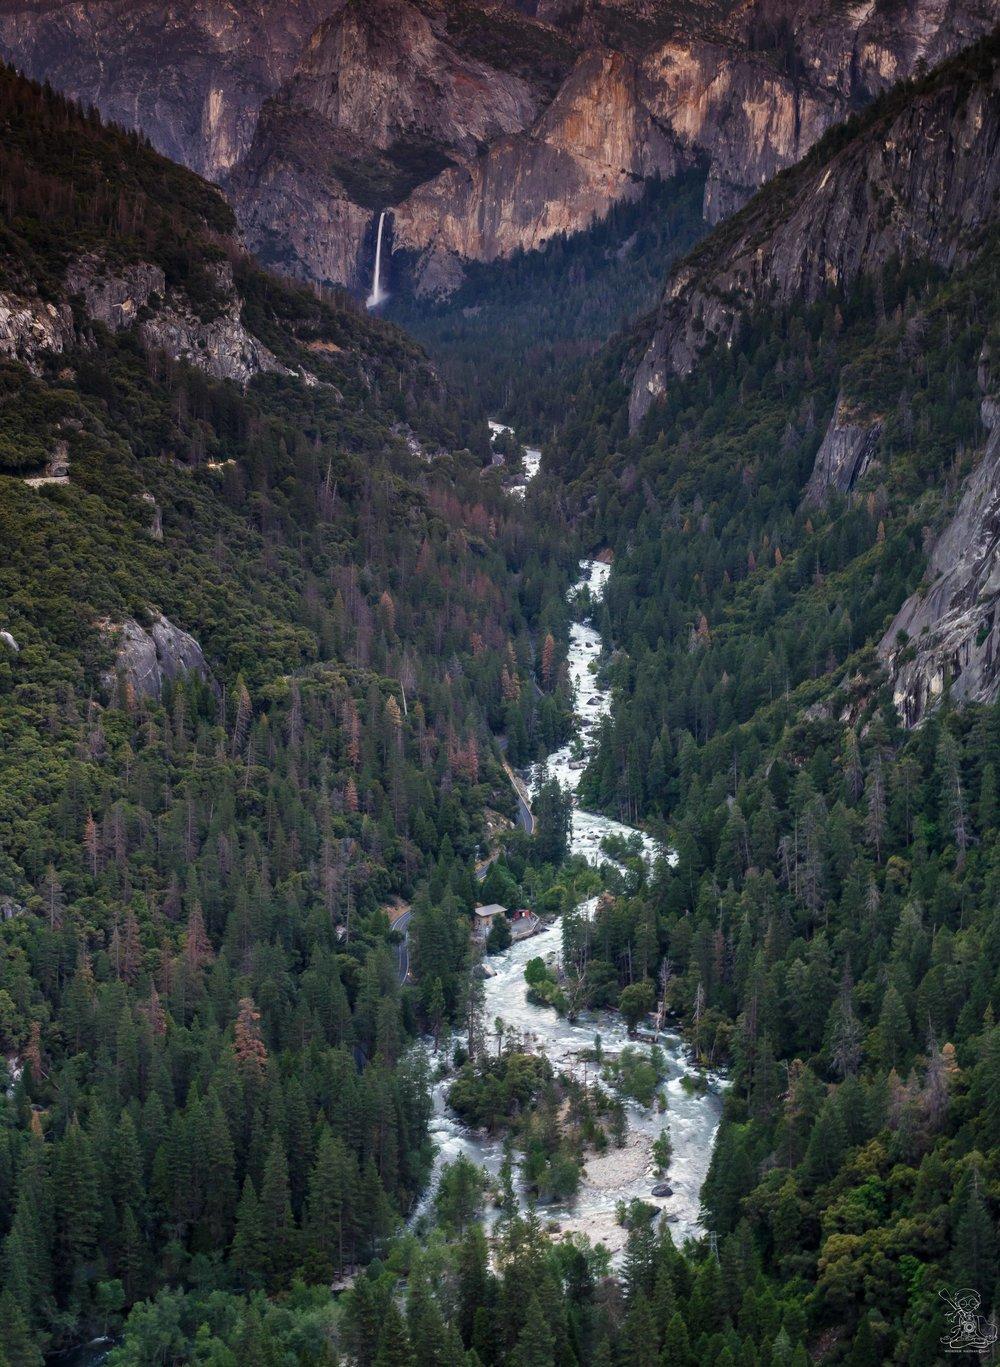 Bridal Falls at Yosemite